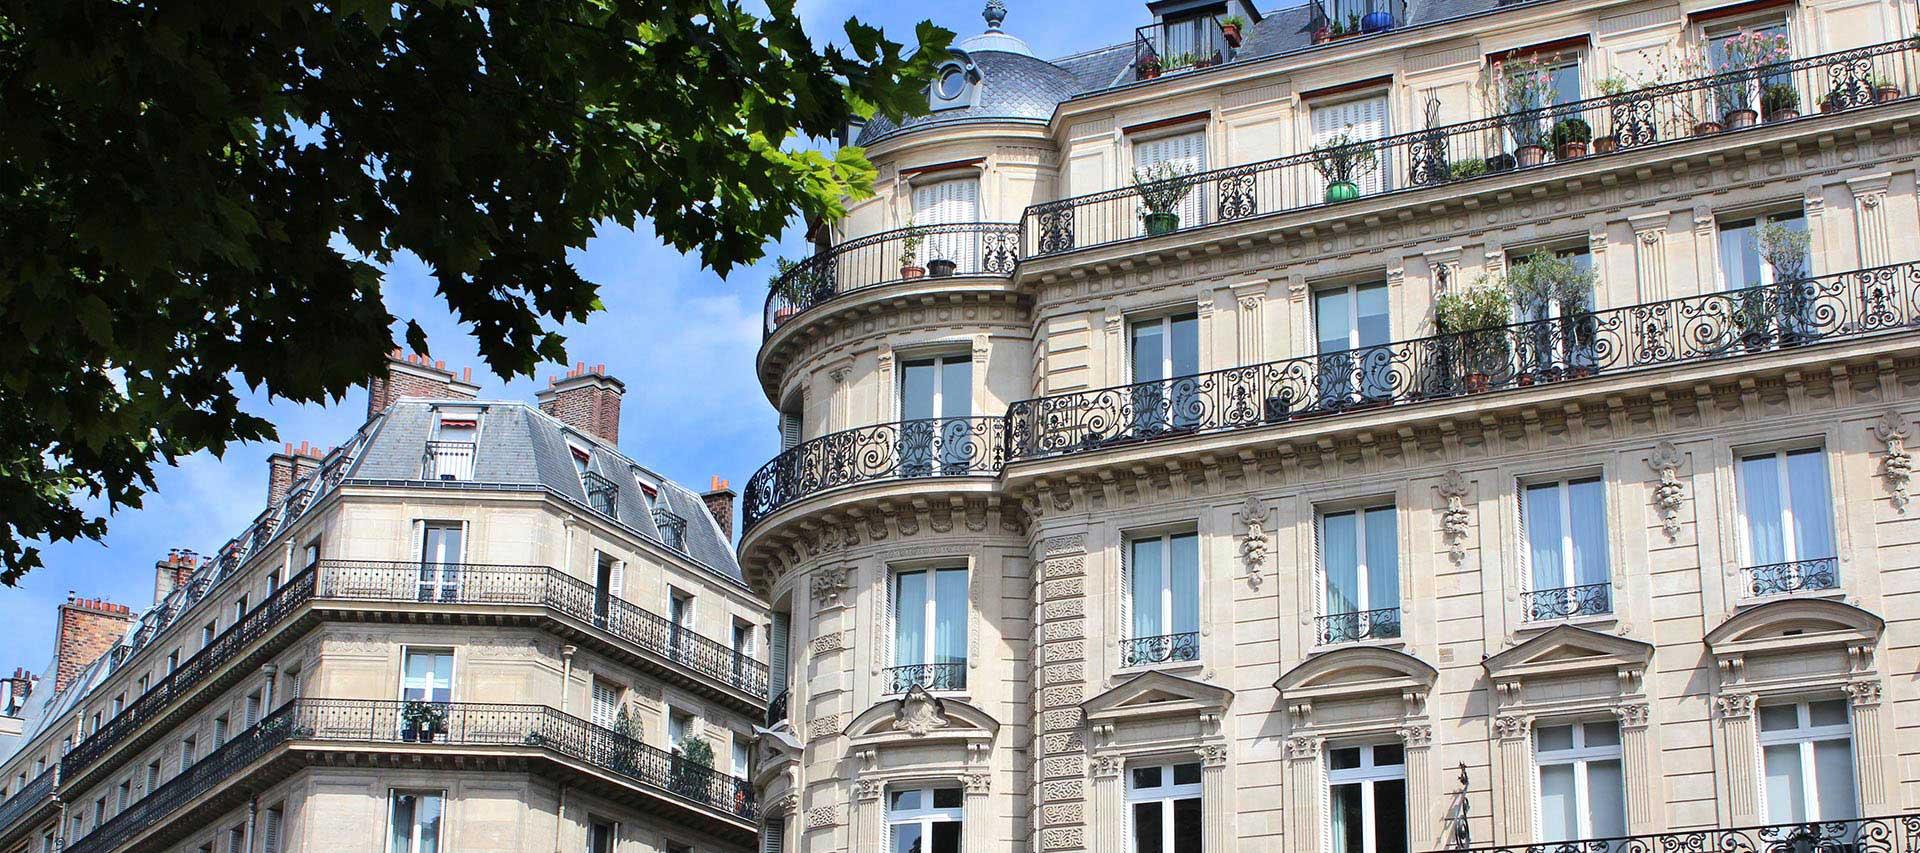 Hausfassade in der Stadt